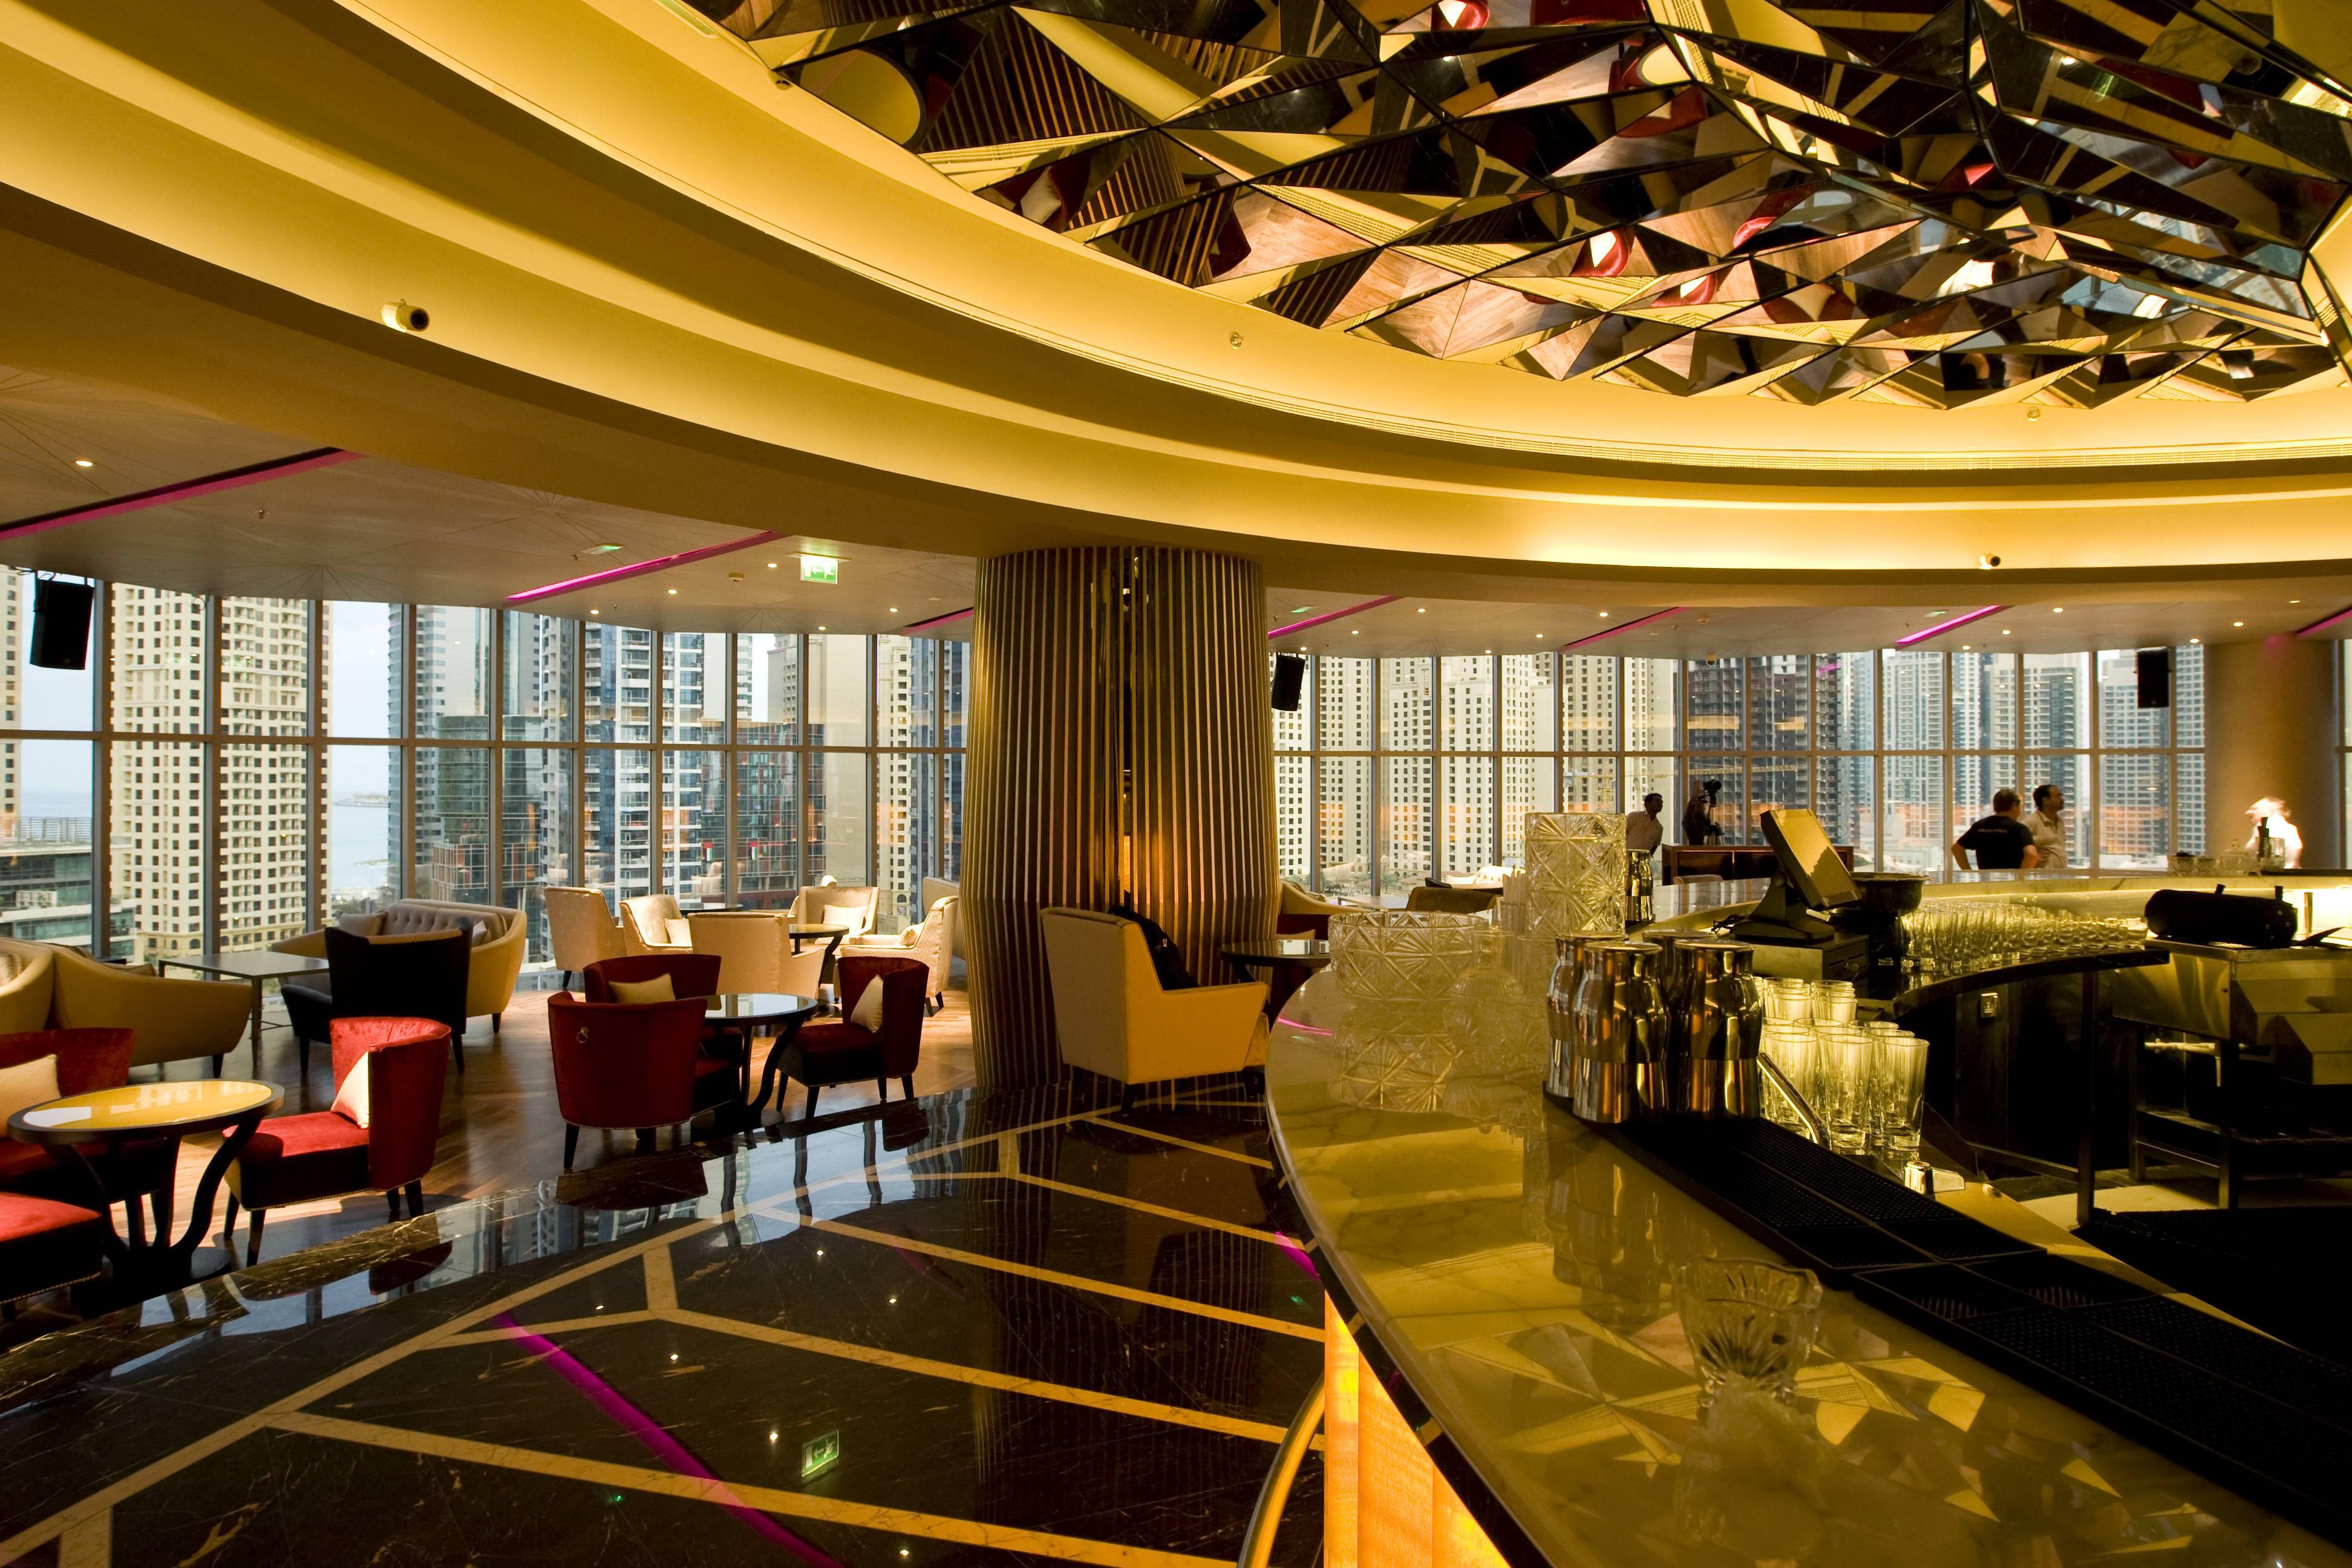 Atelier m opens in dubai haute living for 180 degrees salon dubai